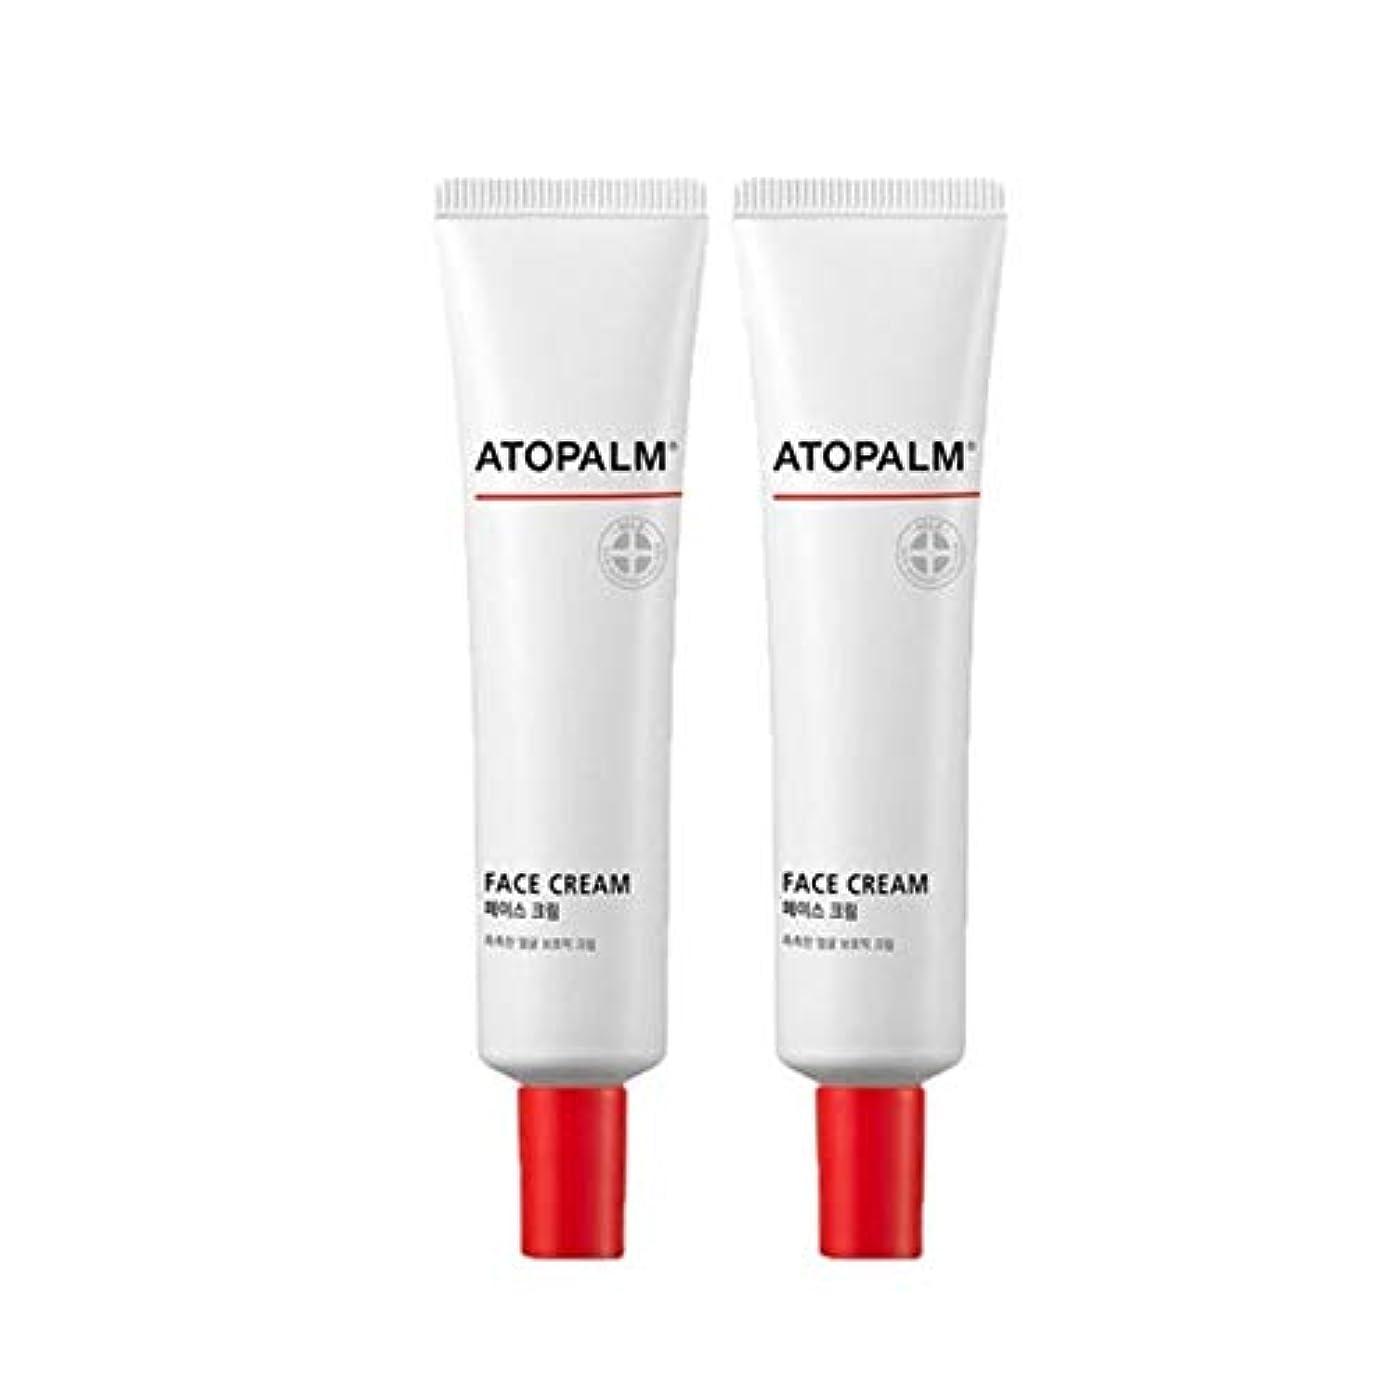 電話野球織るアトパムフェイスクリーム35mlx2本セット韓国コスメ、Atopalm Face Cream 35ml x 2ea Set Korean Cosmetics [並行輸入品]